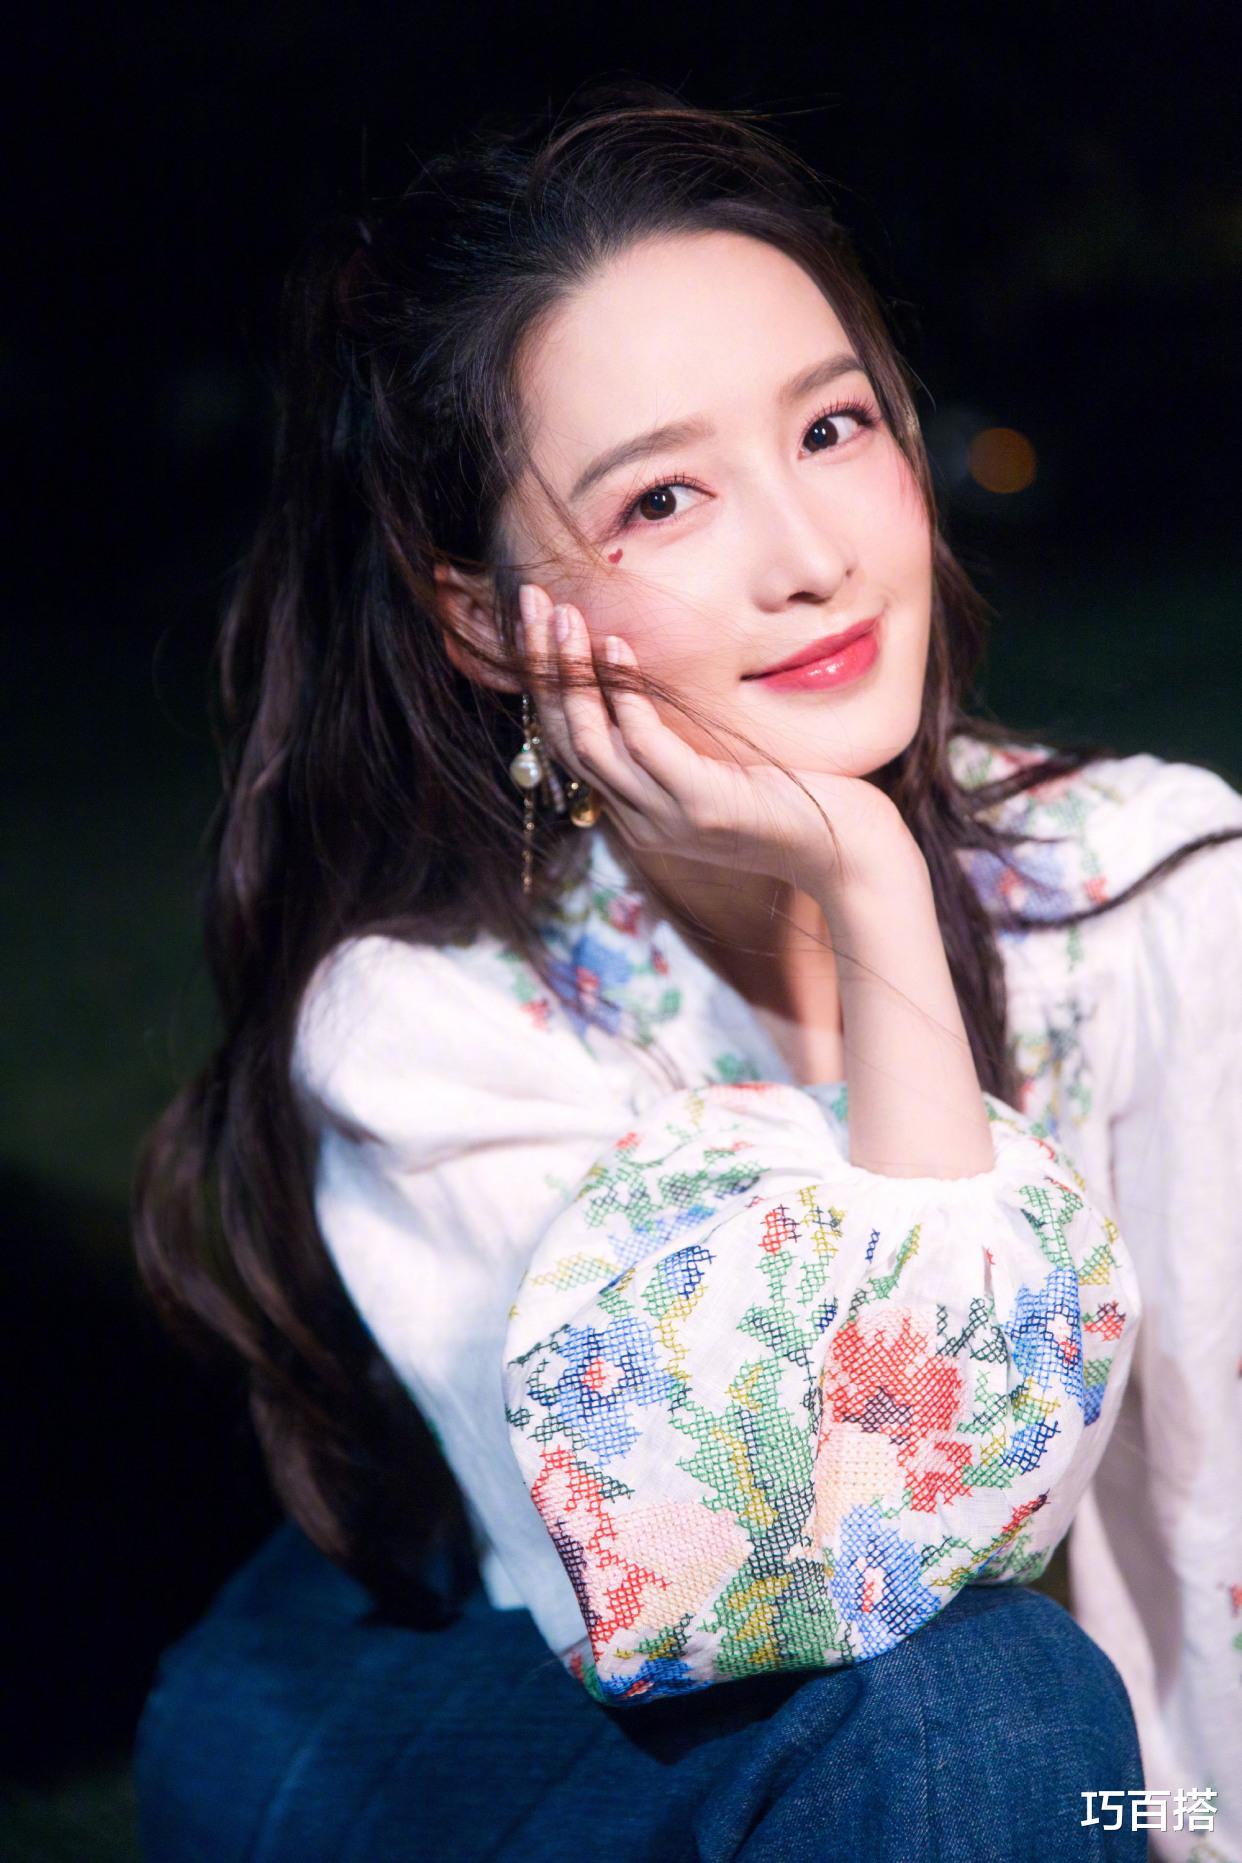 30歲的李沁時尚品味不俗!七夕桃花妝粉面含春,簡直撩人於無形-圖2